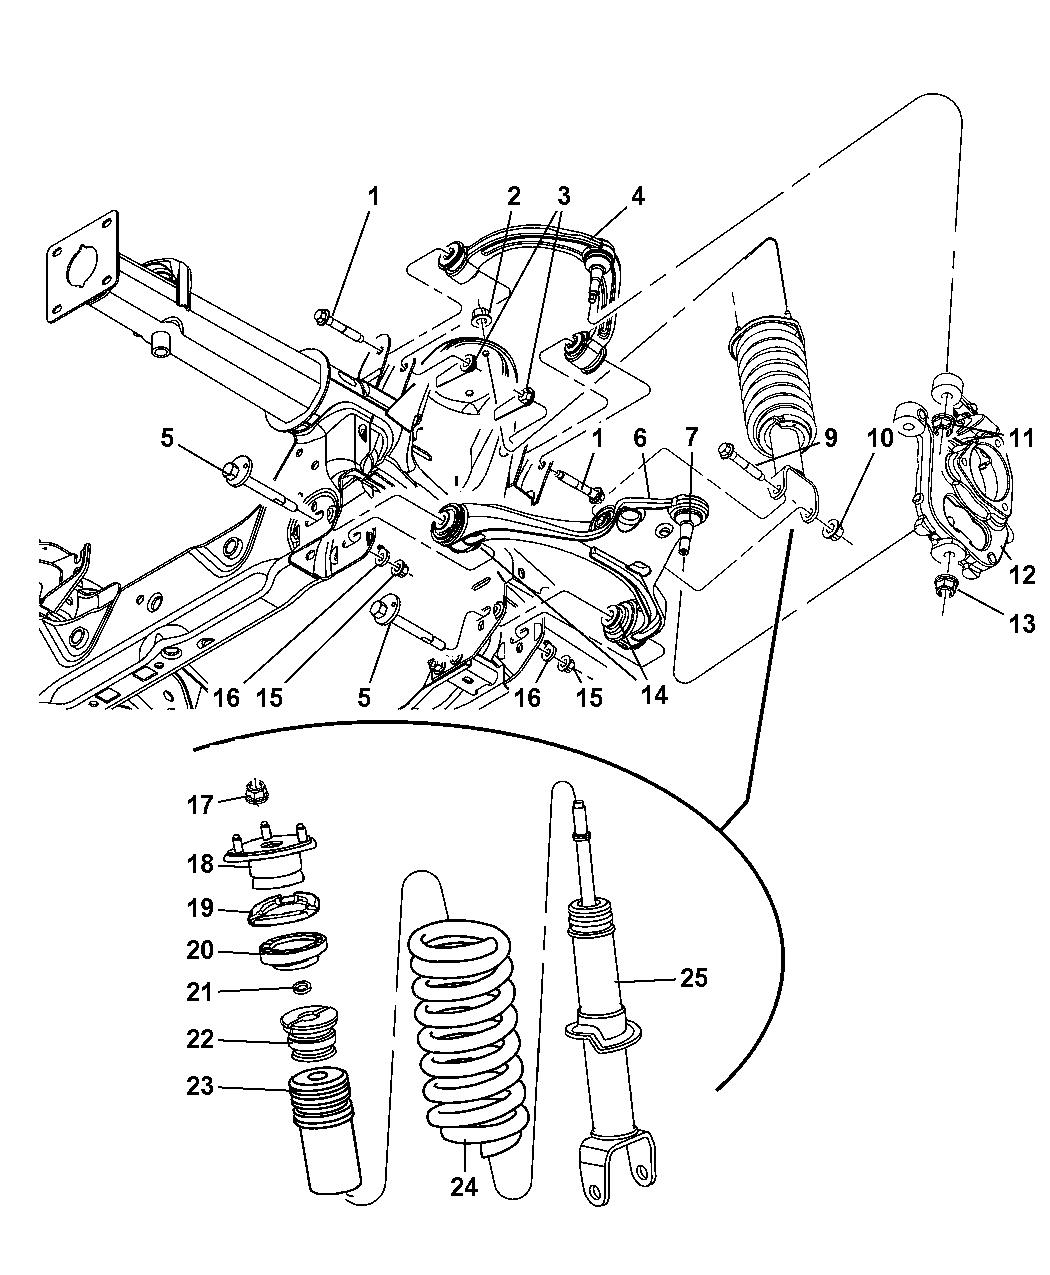 2007 dodge dakota control arms, spring, shock, knuckle - front